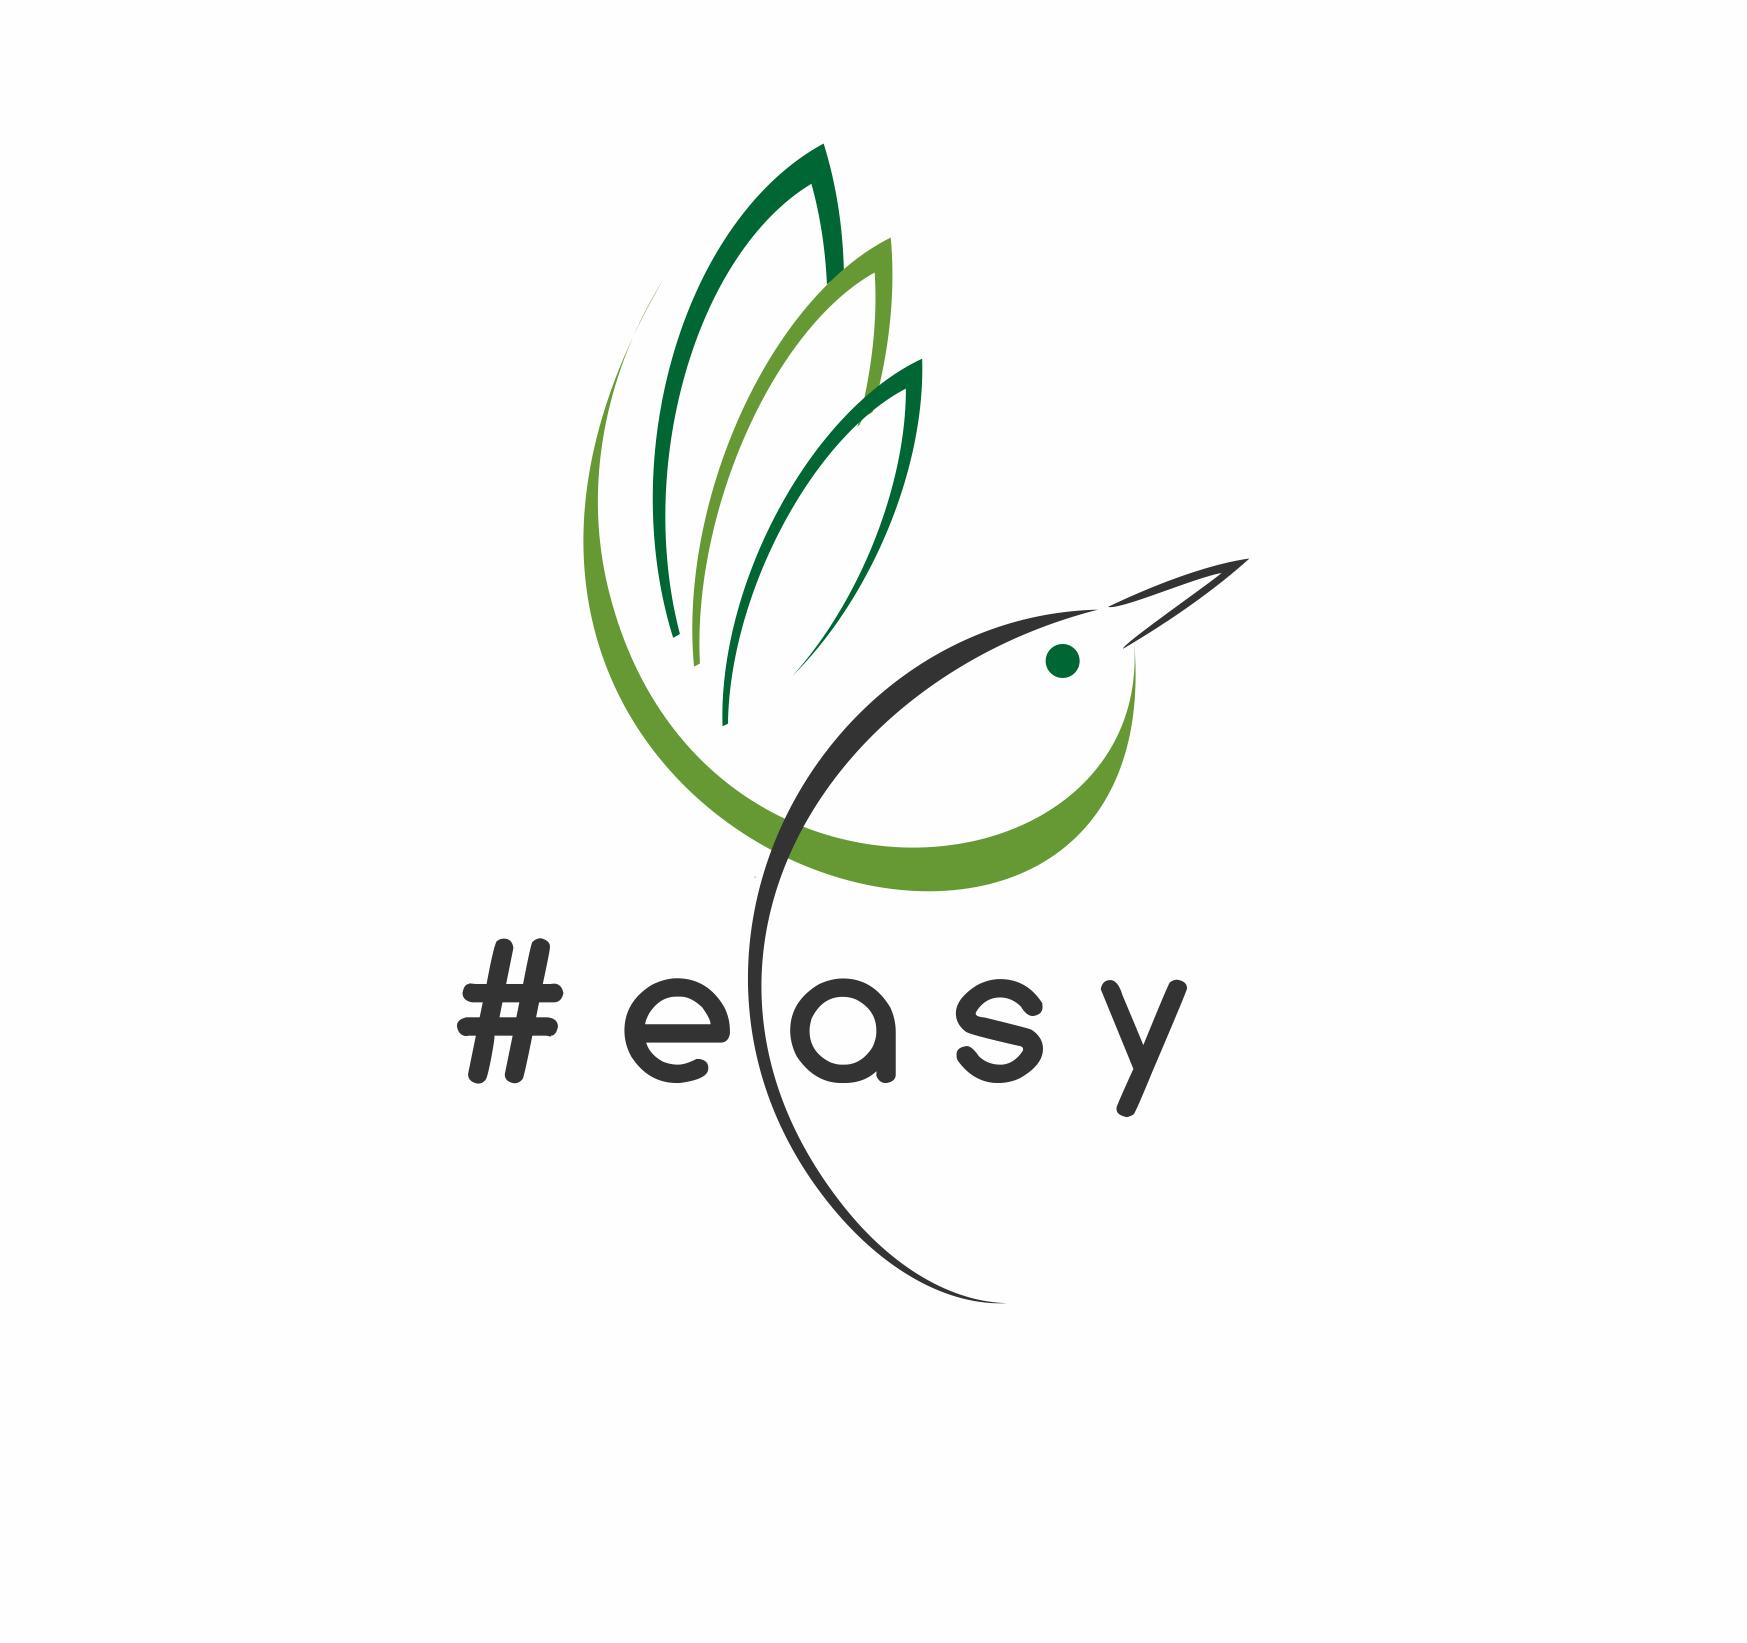 Разработка логотипа в виде хэштега #easy с зеленой колибри  фото f_7155d52865825ef3.png